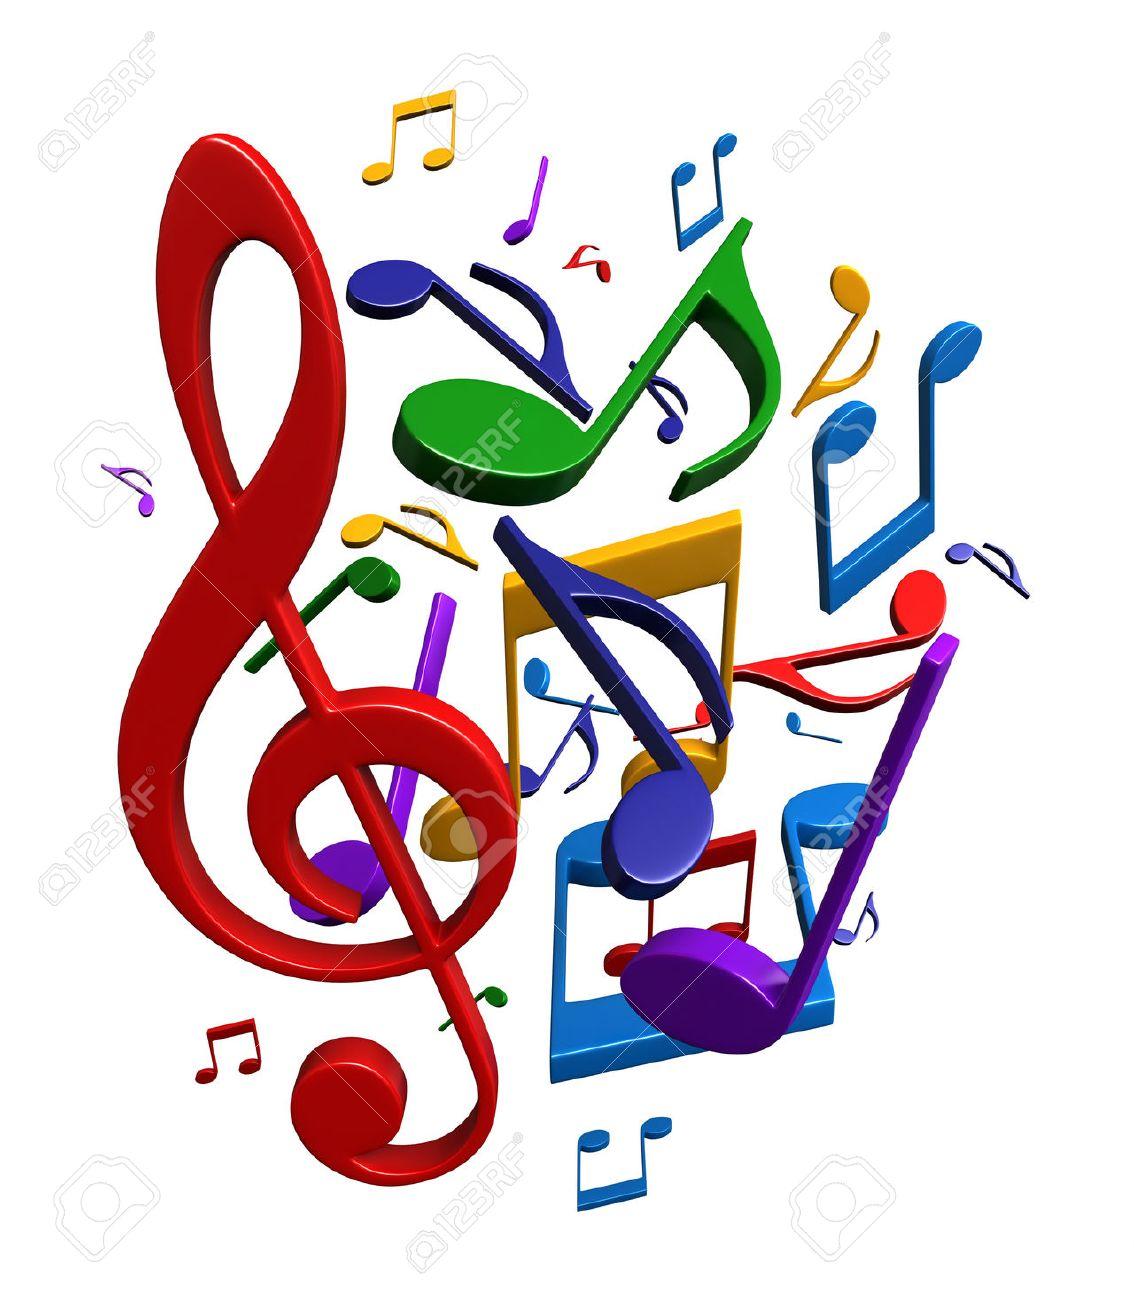 Representación 3d De Notas Musicales Abstractas Aisladas Sobre Fondo